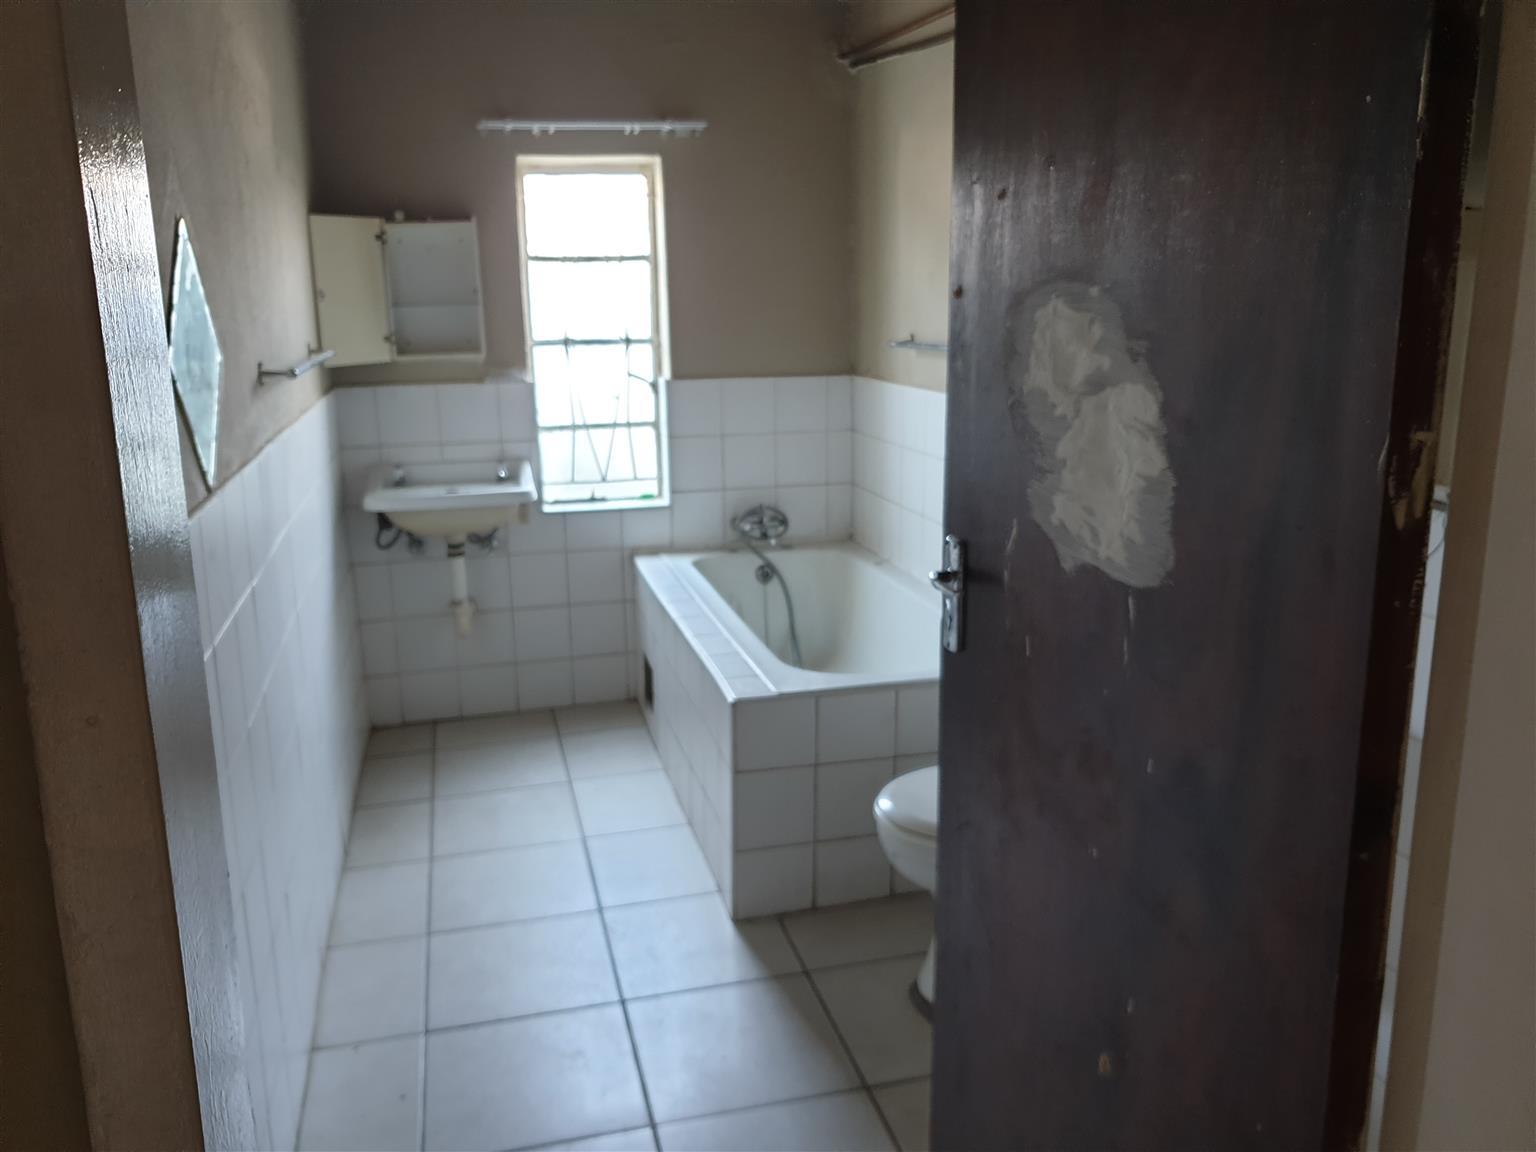 2 Bedroom flat in De Kroon 2km from Hernic mine outside Brits.